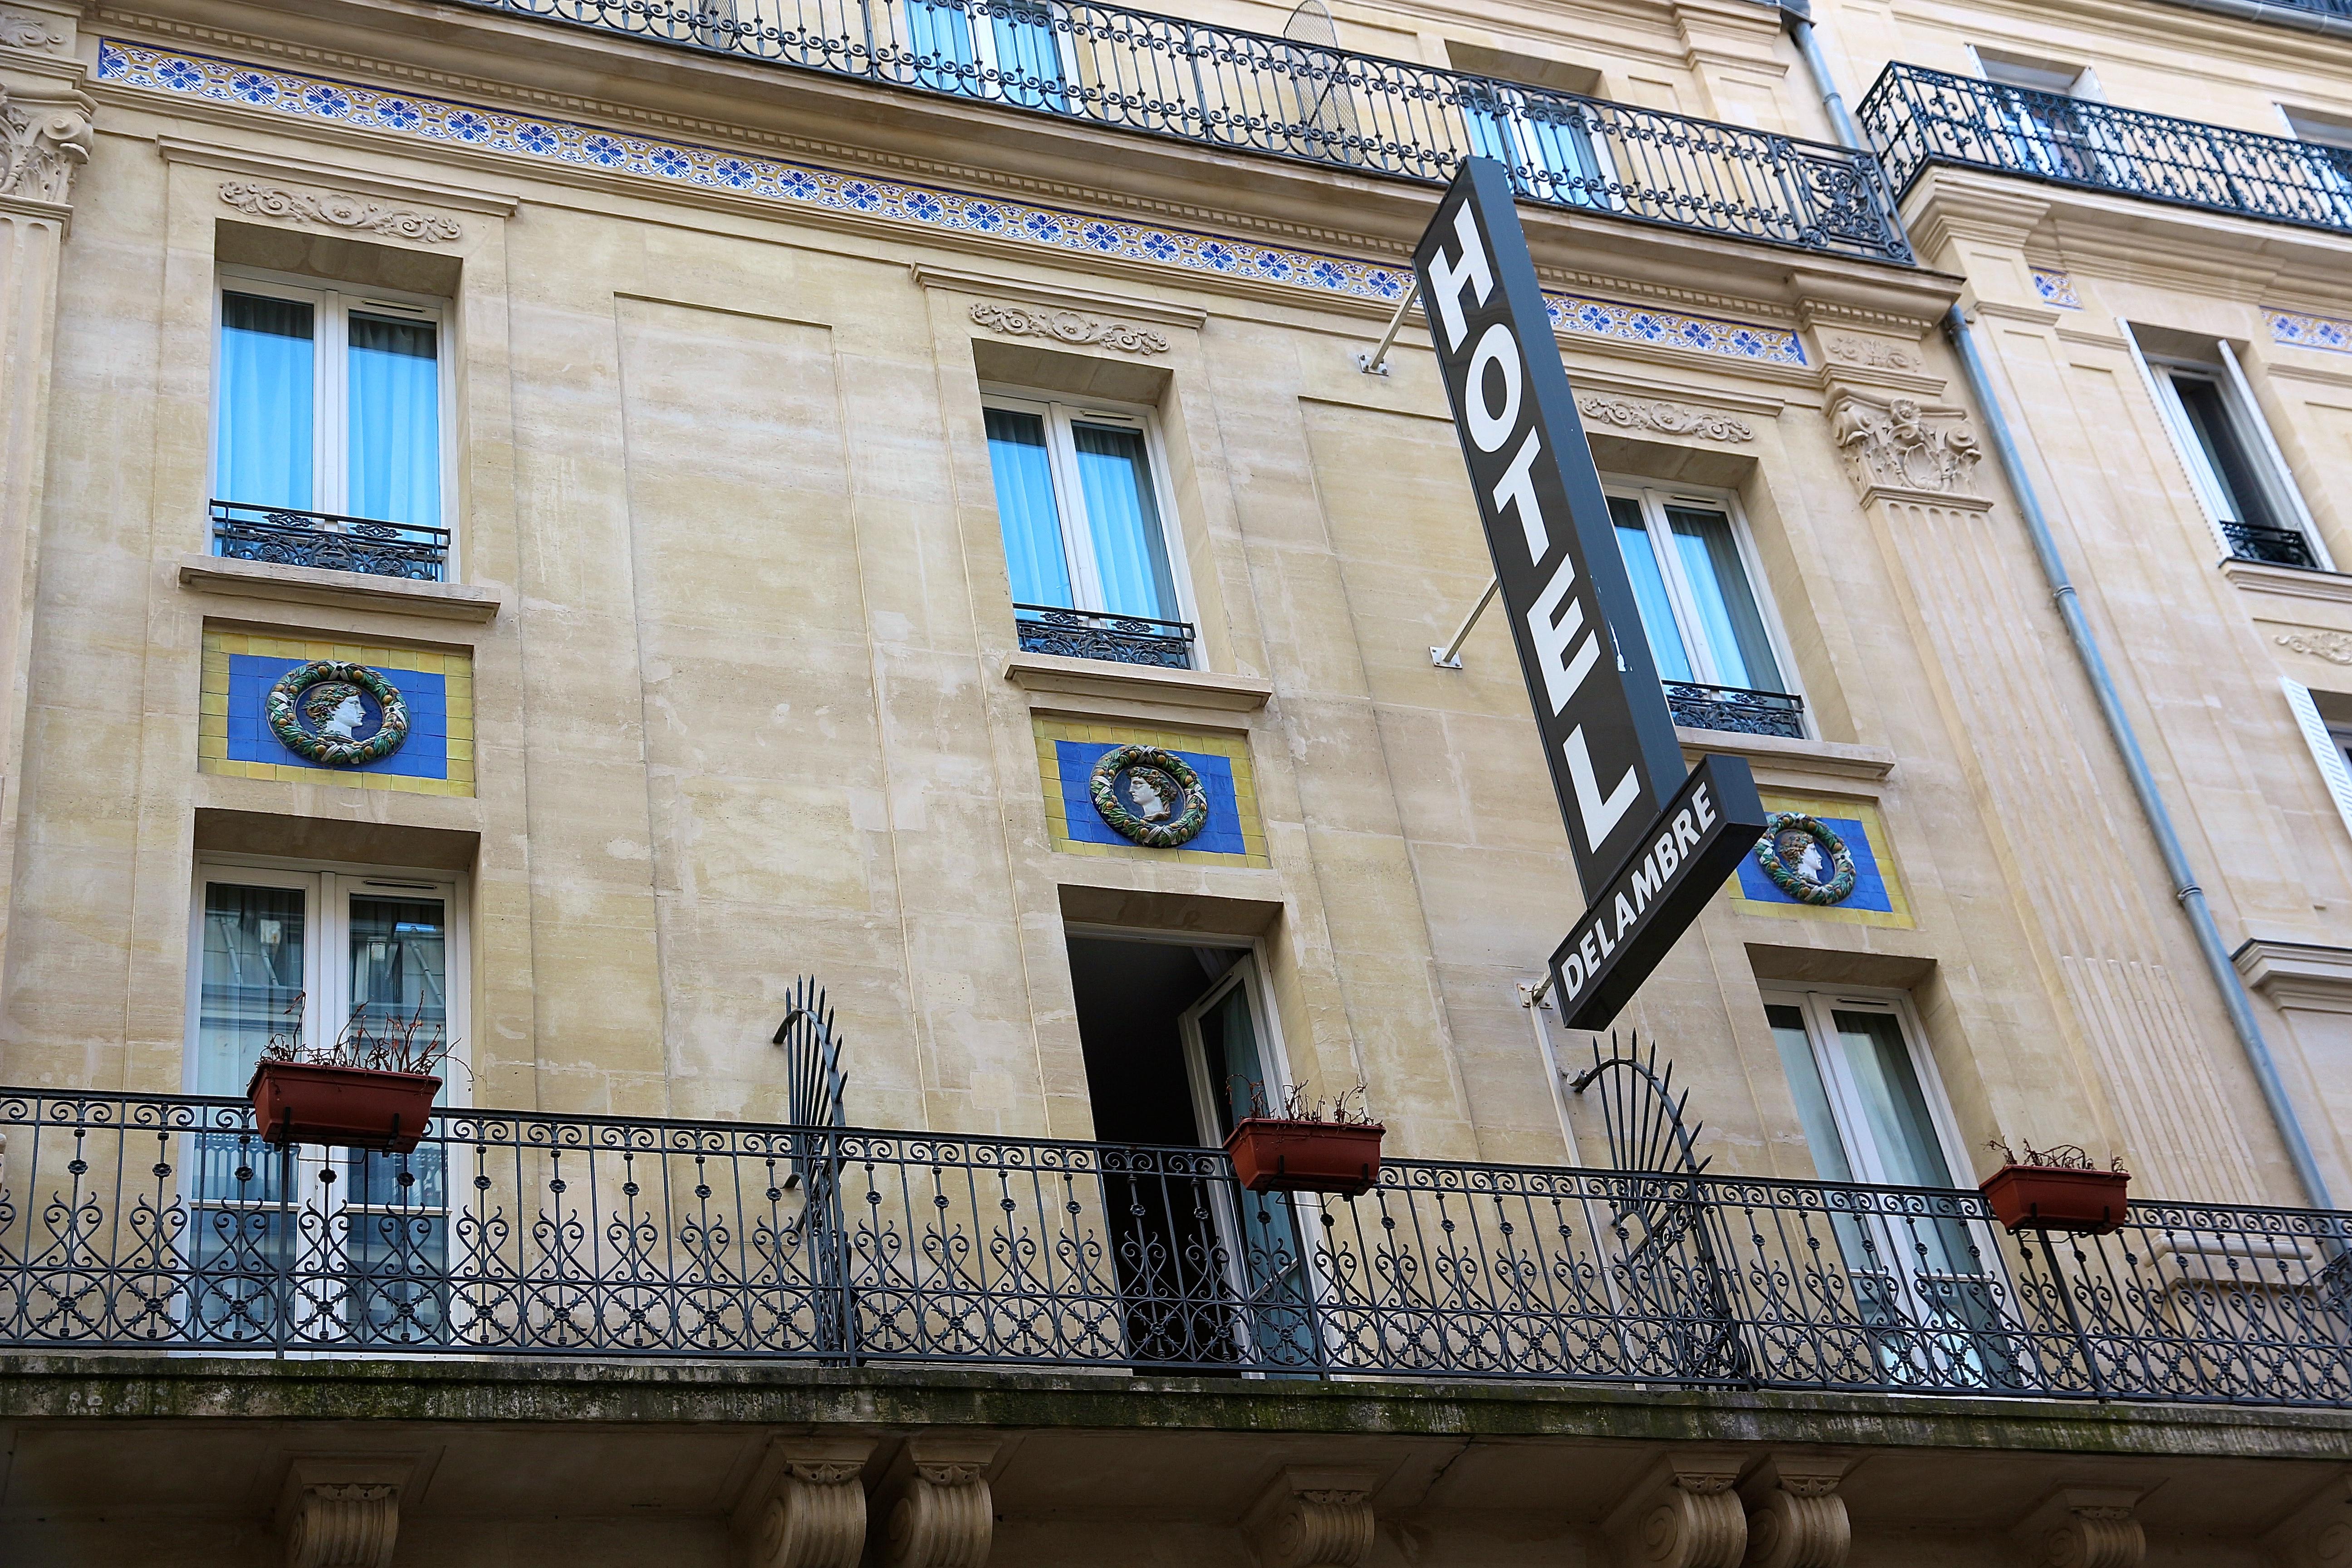 l'hôtel Delambre